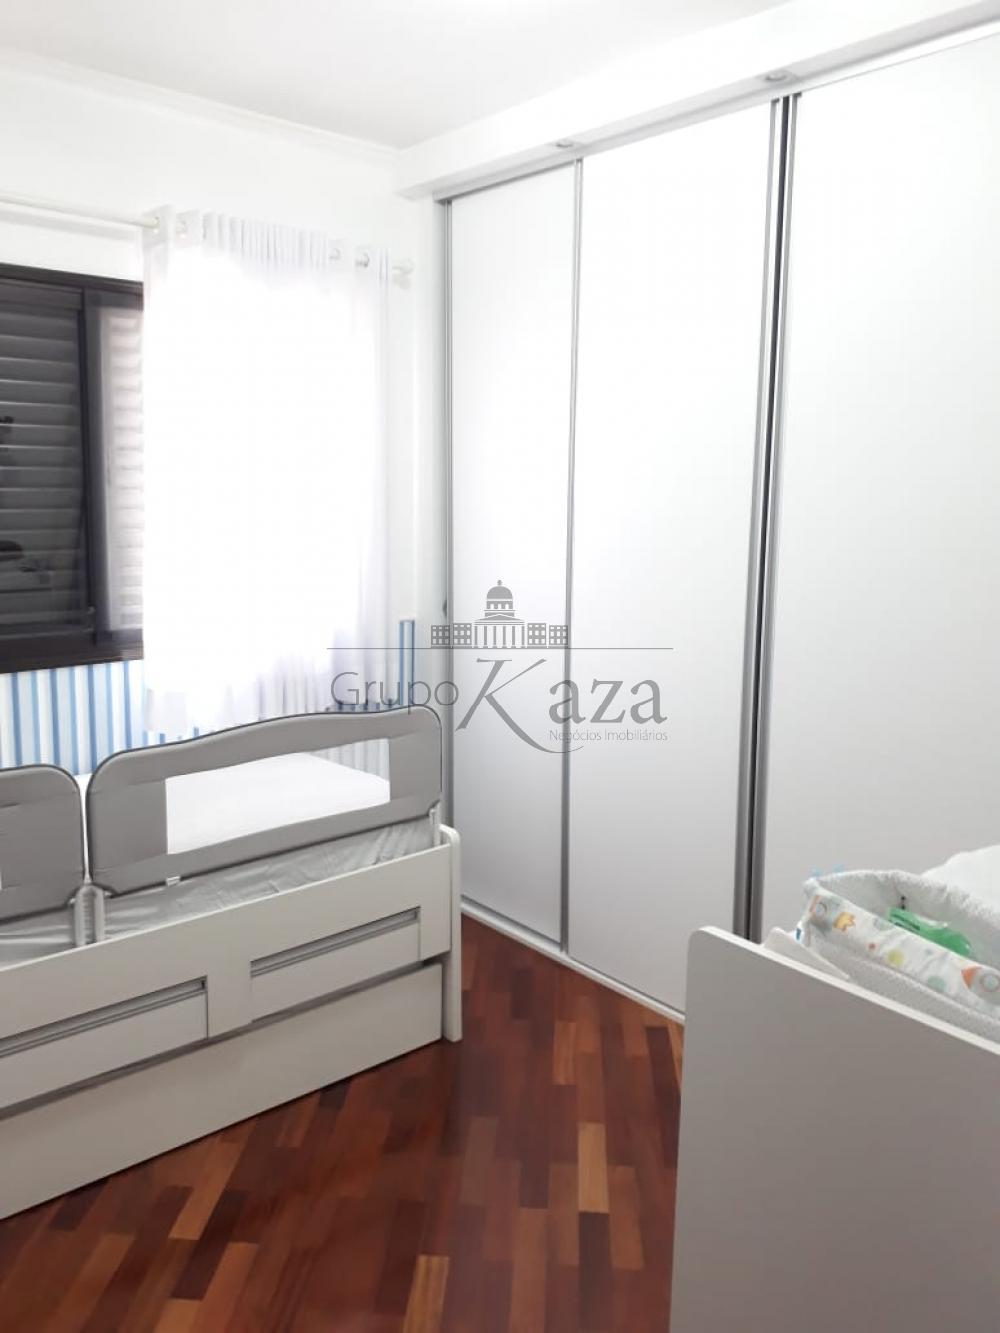 alt='Comprar Apartamento / Padrão em São José dos Campos R$ 415.000,00 - Foto 9' title='Comprar Apartamento / Padrão em São José dos Campos R$ 415.000,00 - Foto 9'